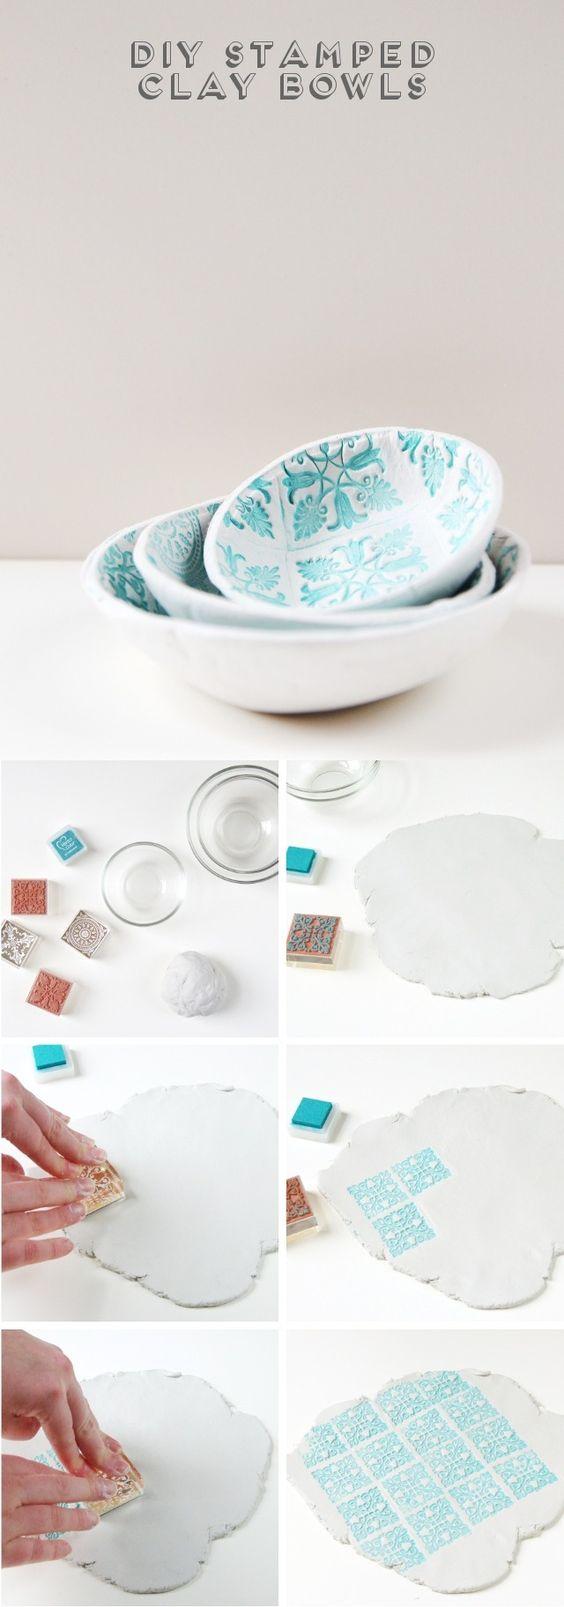 Fabrica tus propios bowls de arcilla